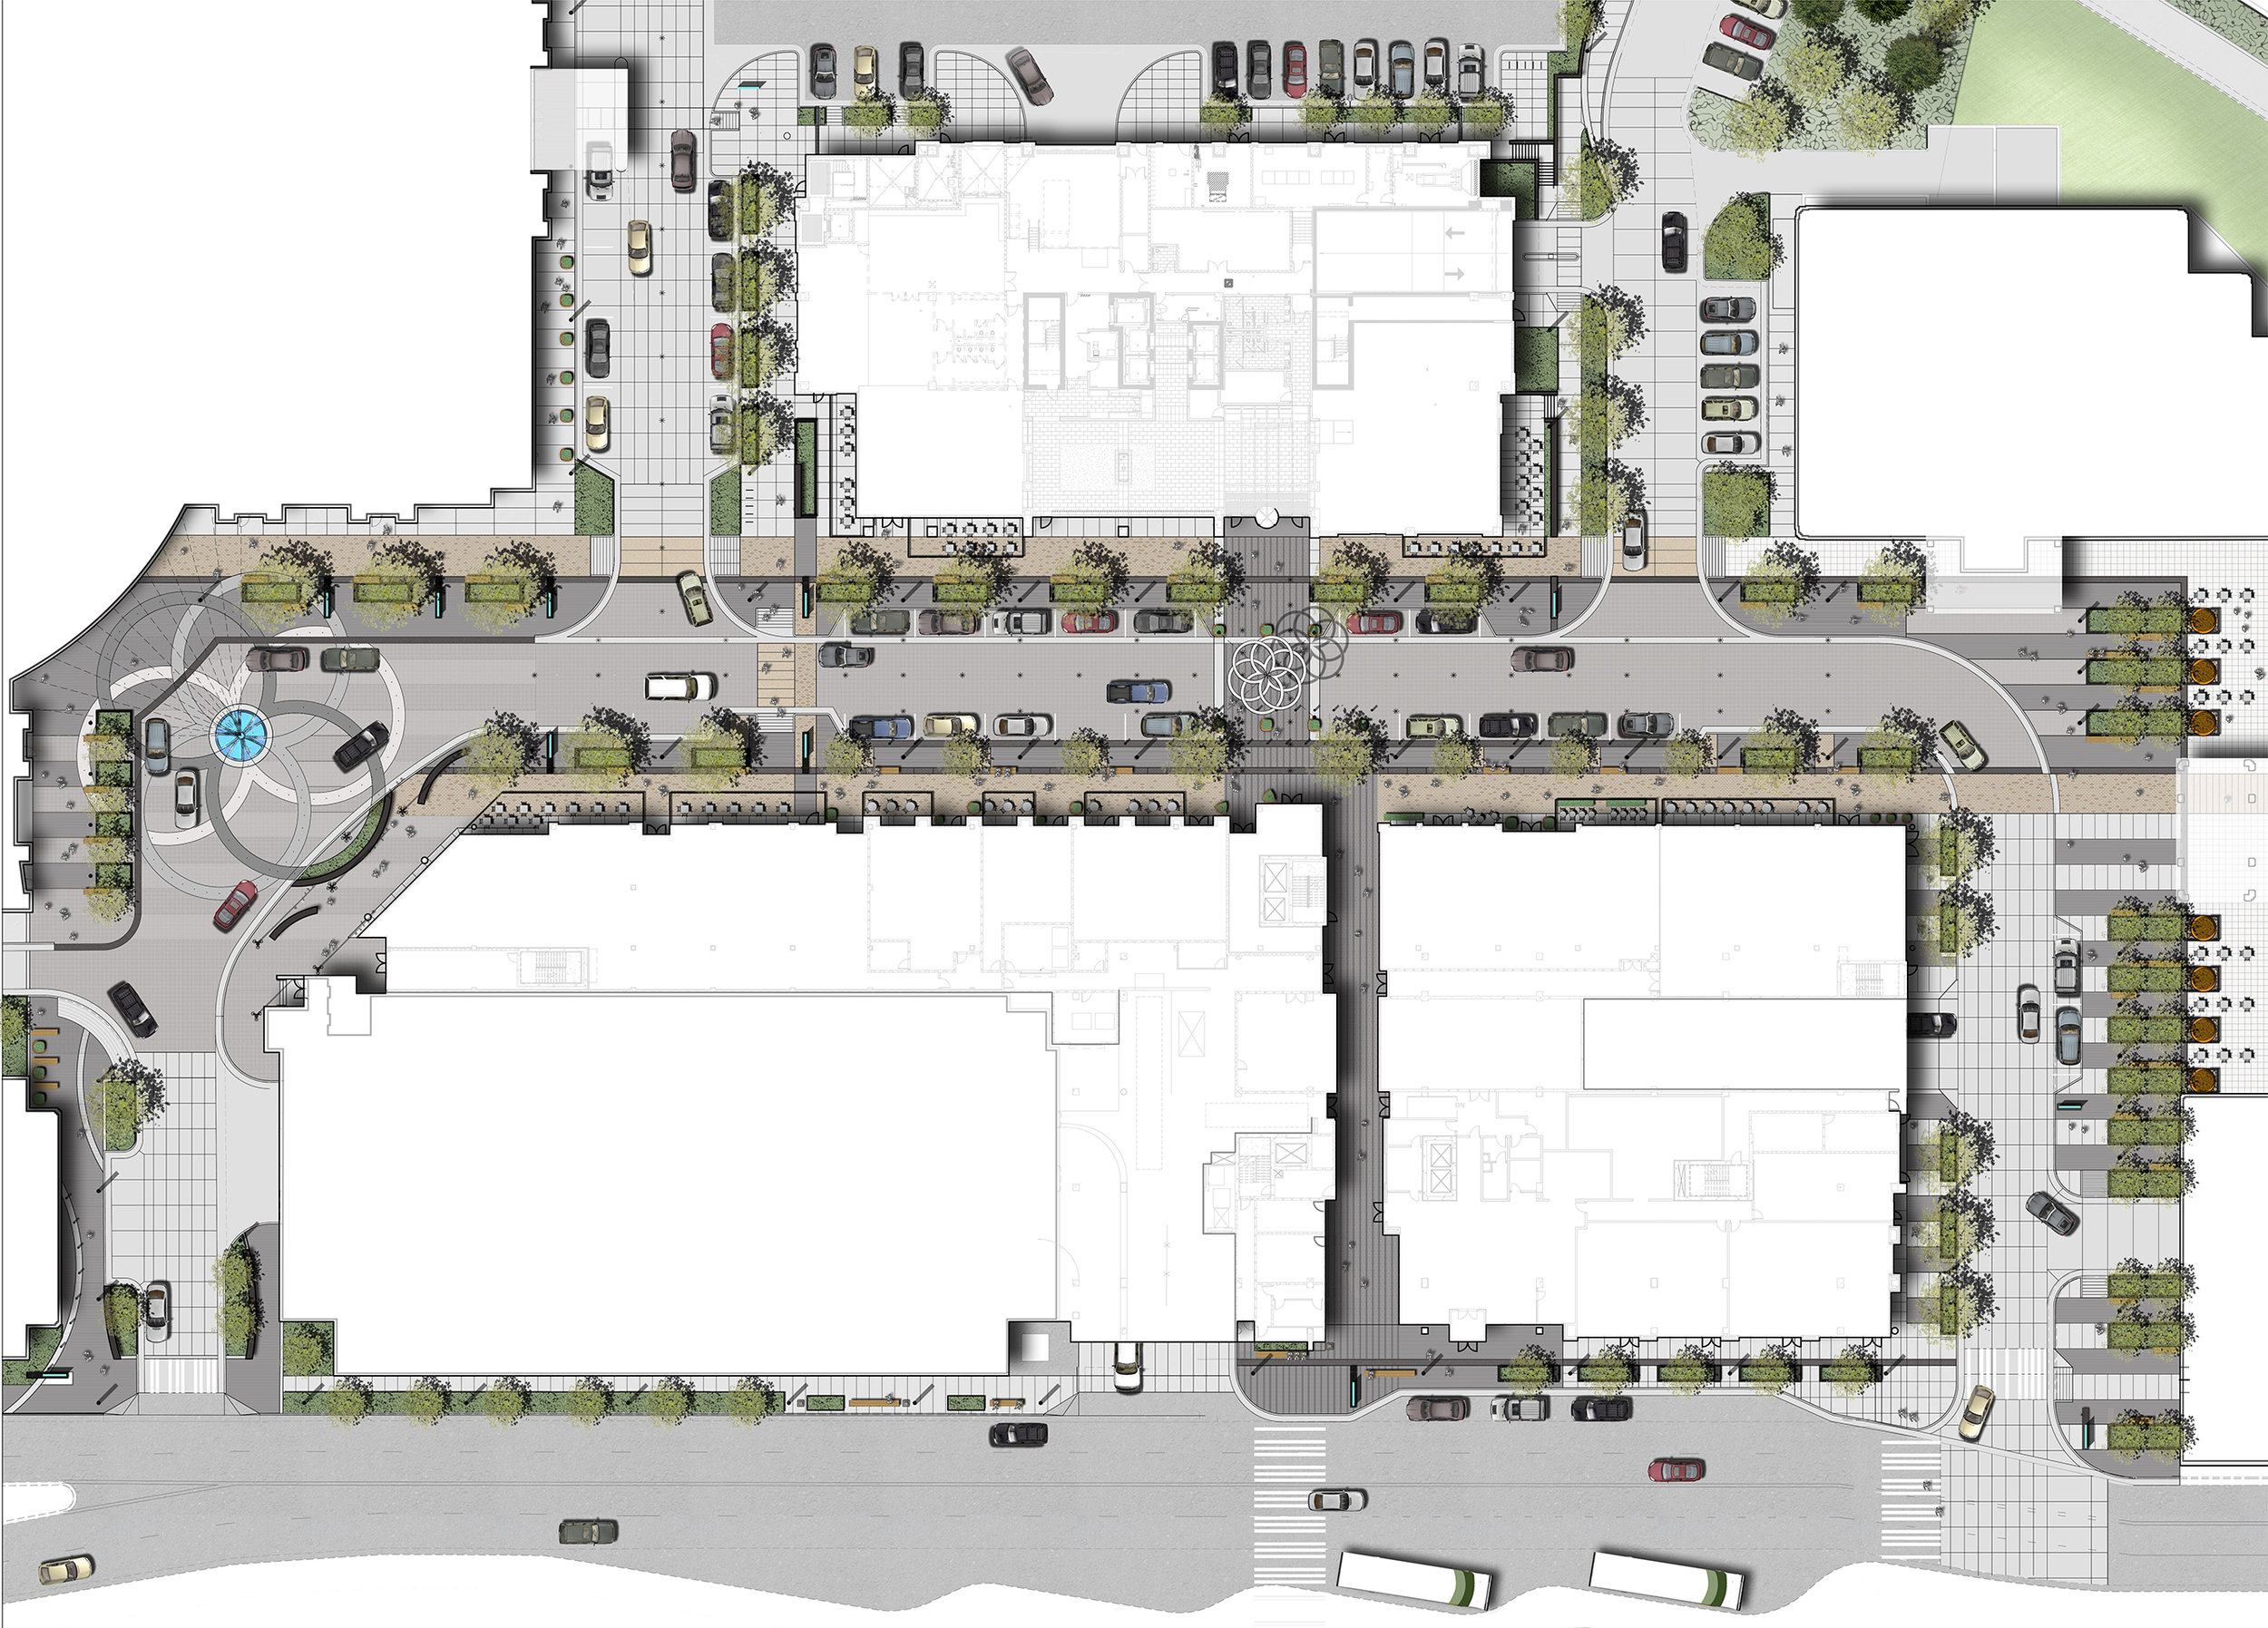 <f>Services</f><f>UrbanDesign</f><f>Services</f><f>LandscapeArchitecture</f><f>Markets</f><f>Commercial+MixedUse</f><t>Colorado Center</t><m>Denver, CO</m>